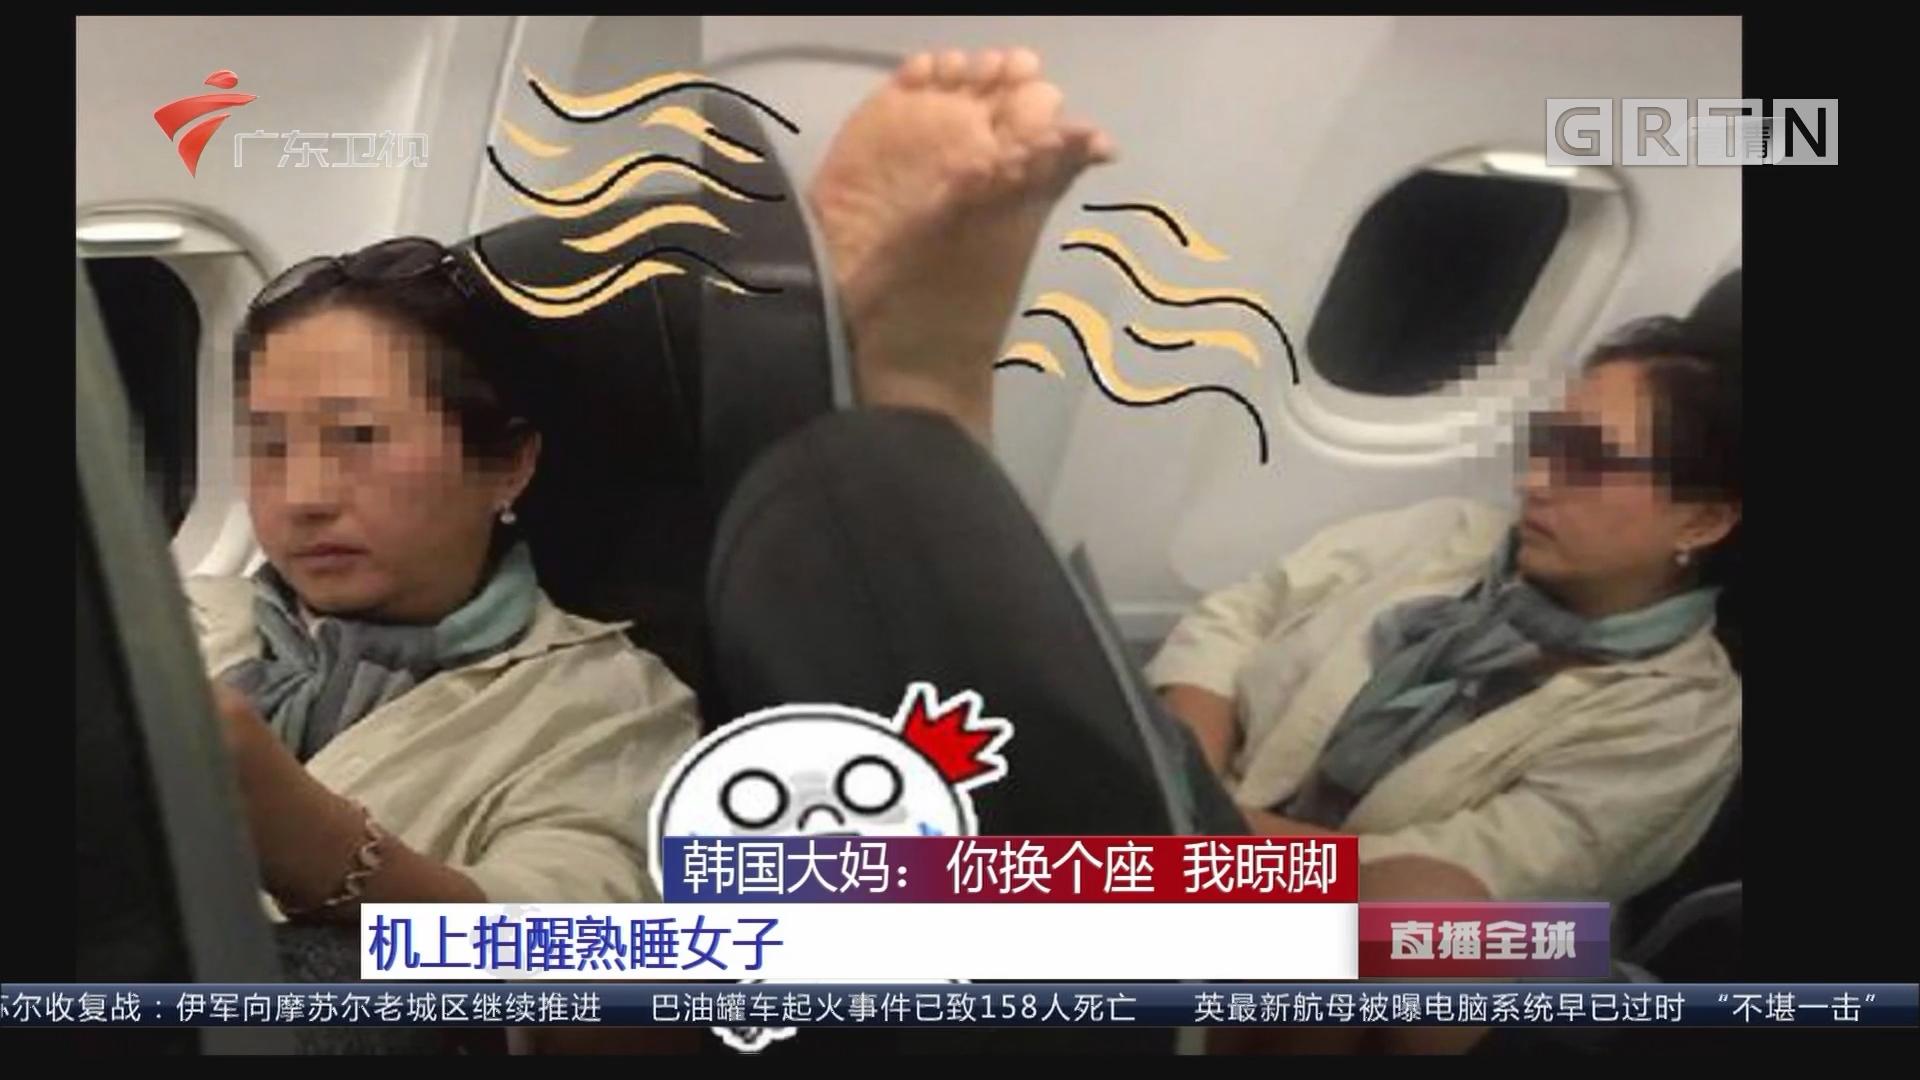 韩国大妈:你换个座 我晾脚 机上拍熟睡女子